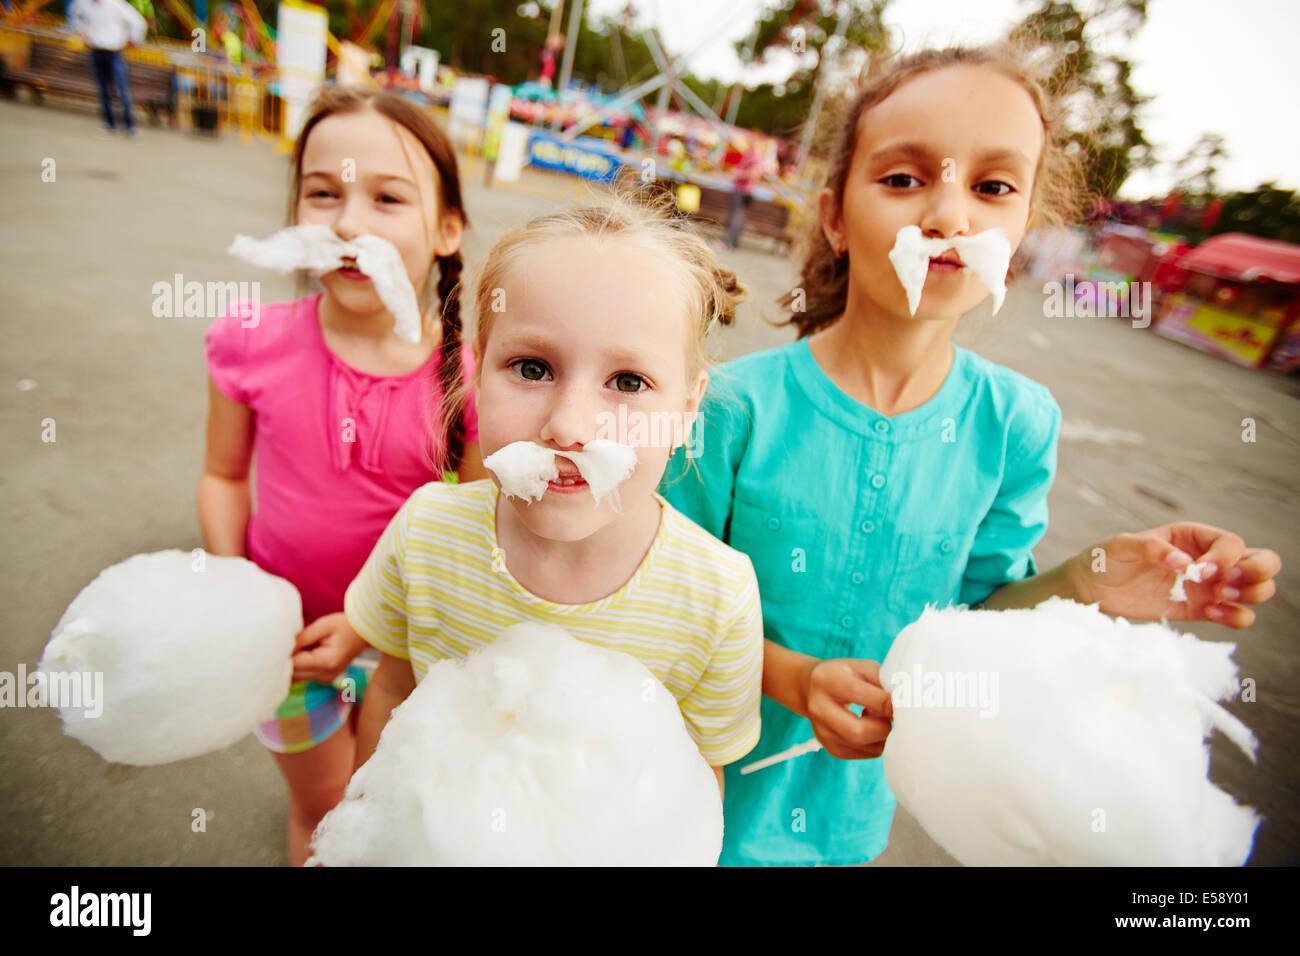 Immagine di ragazze divertente con cotone candy in posa sul parco giochi all'aperto Immagini Stock